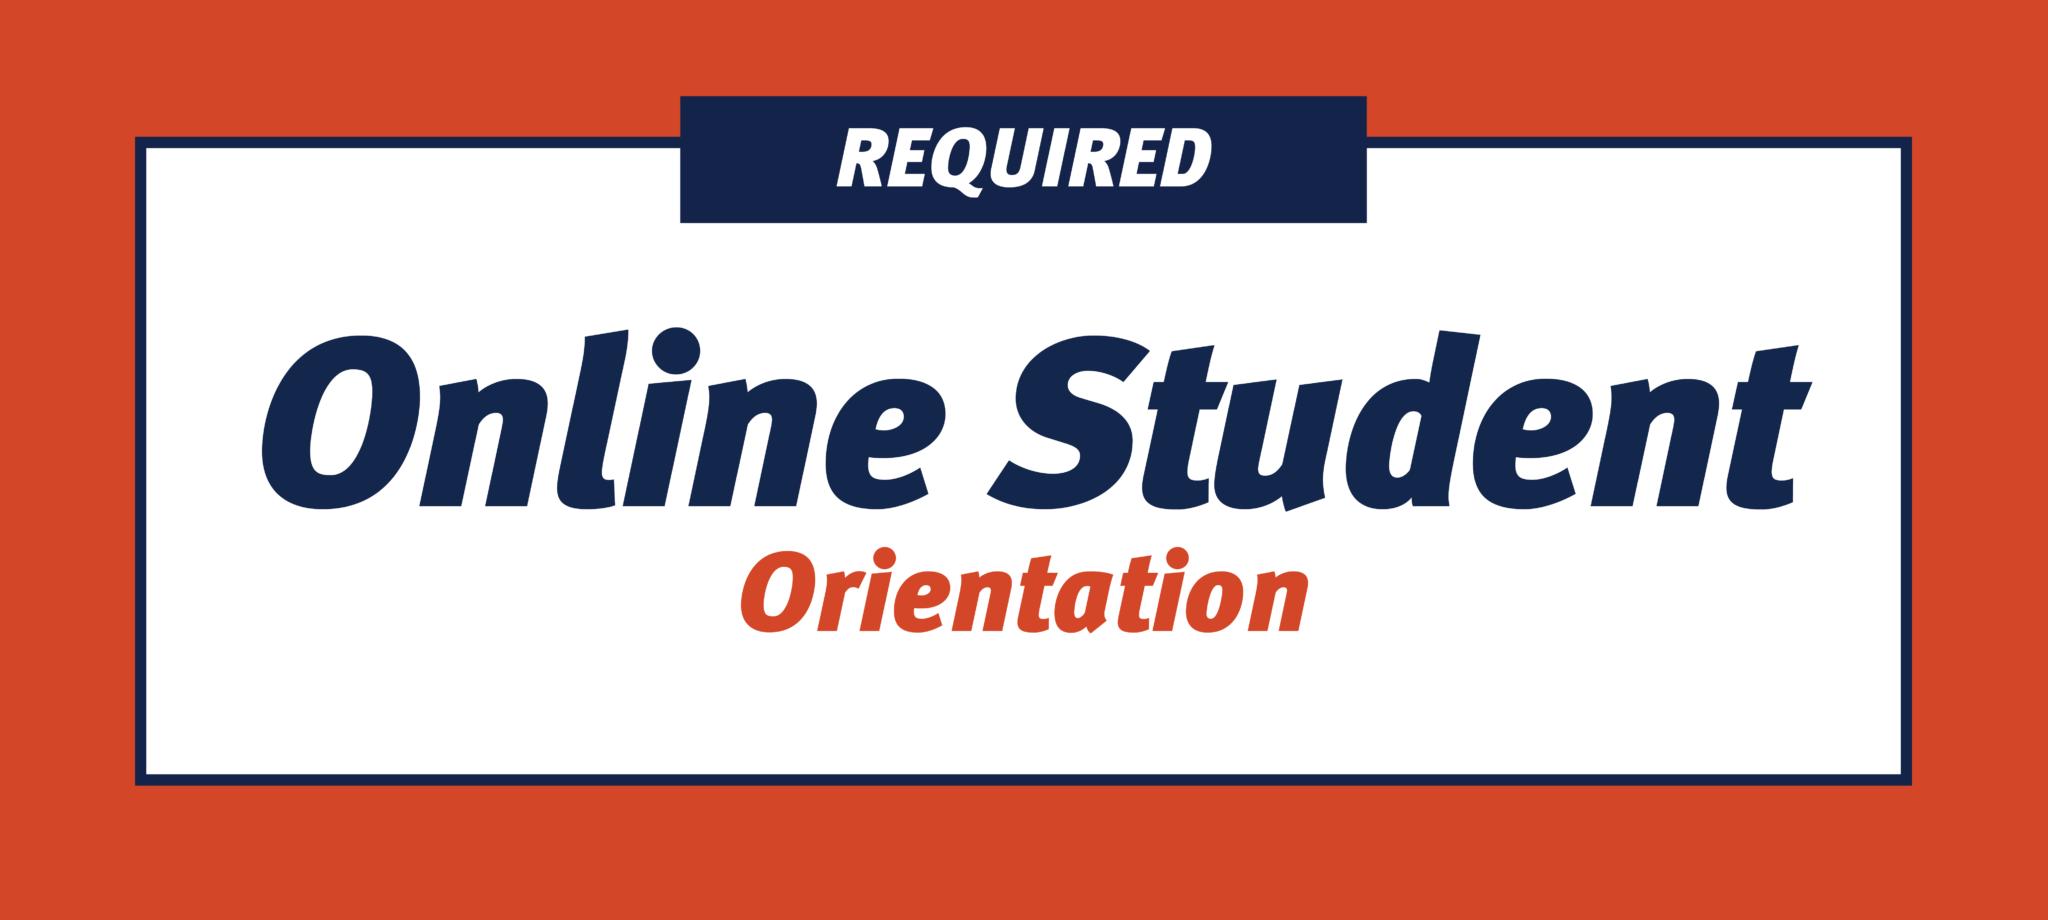 Online Student Orientation